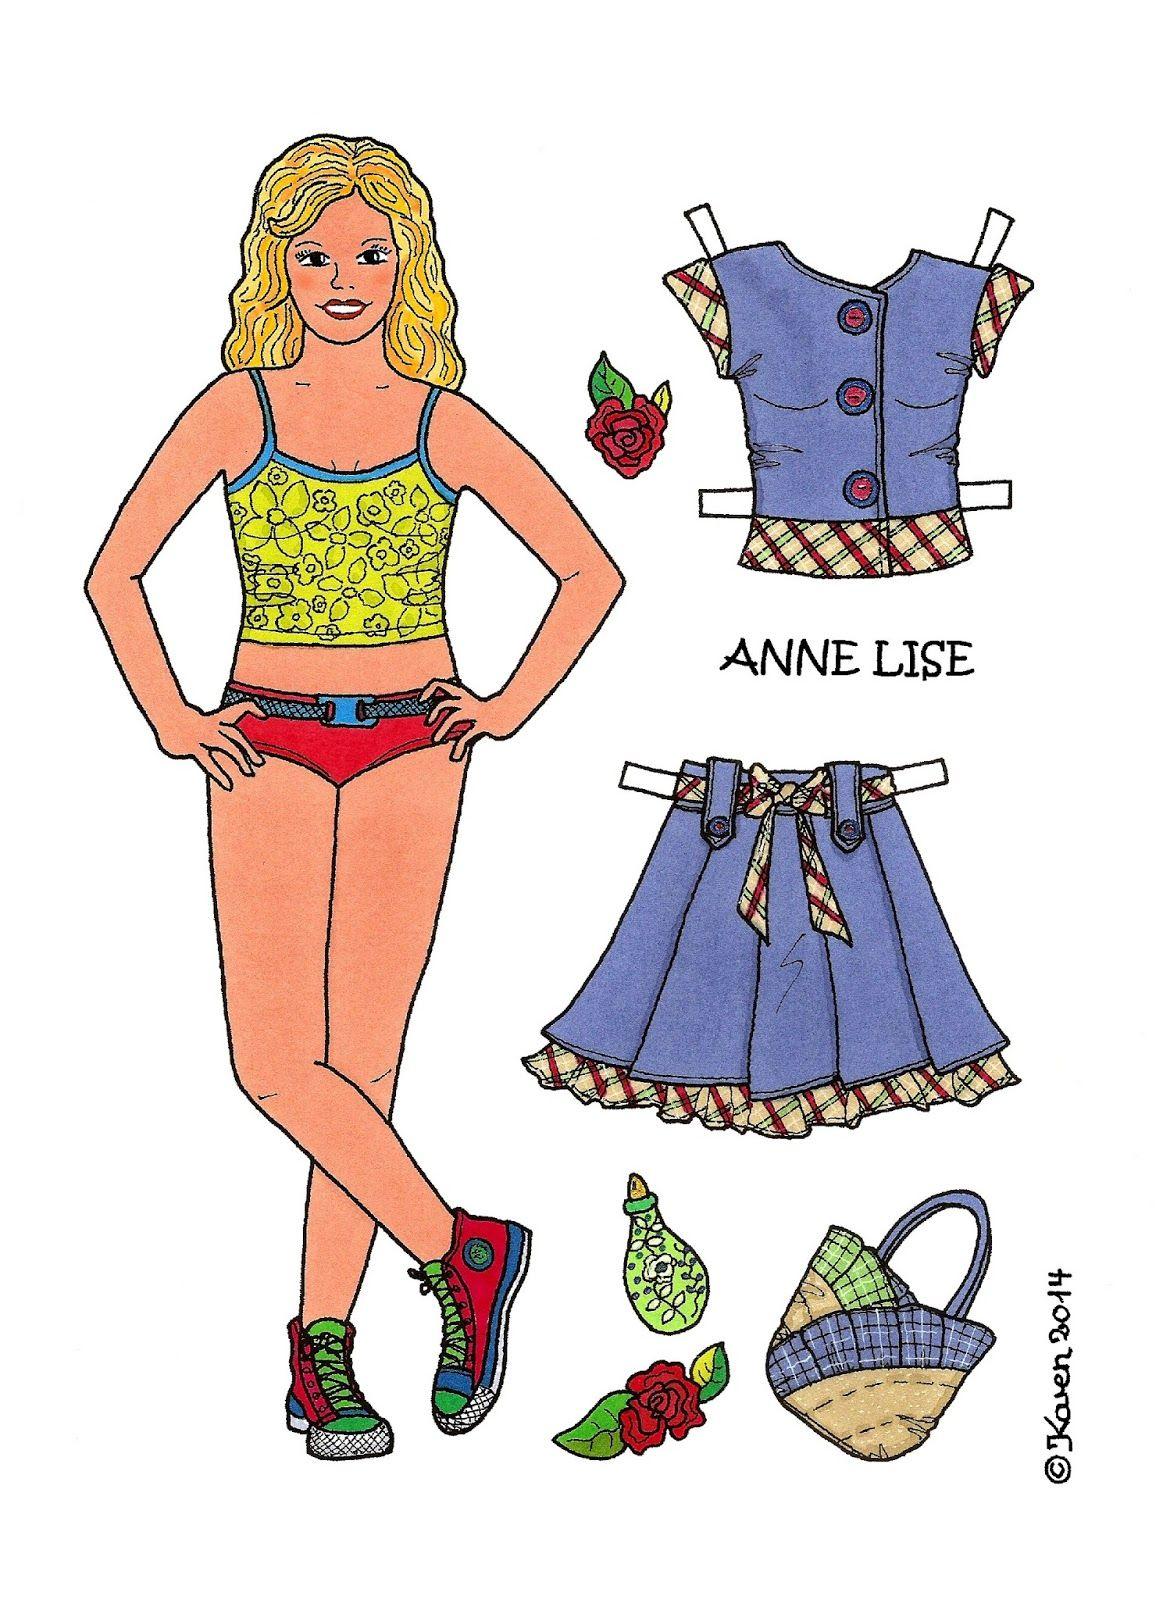 ANNE LISE from Karen's Paper Dolls  1 of 5